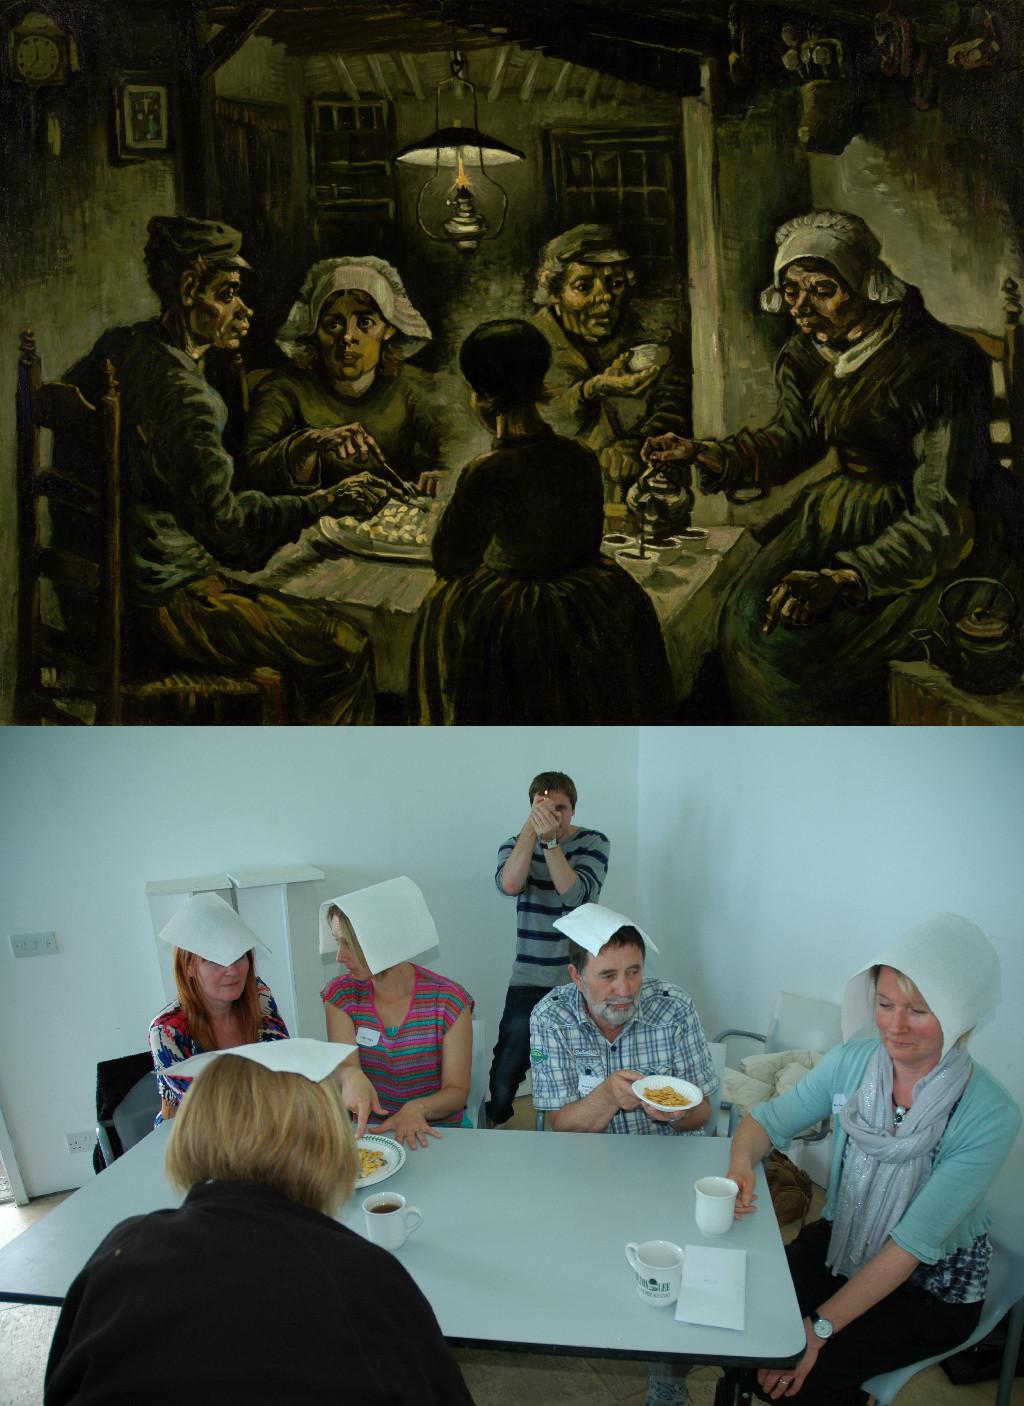 The Potato Eaters, Vincent van Gogh (1853-1890) vanGo'd by AfC